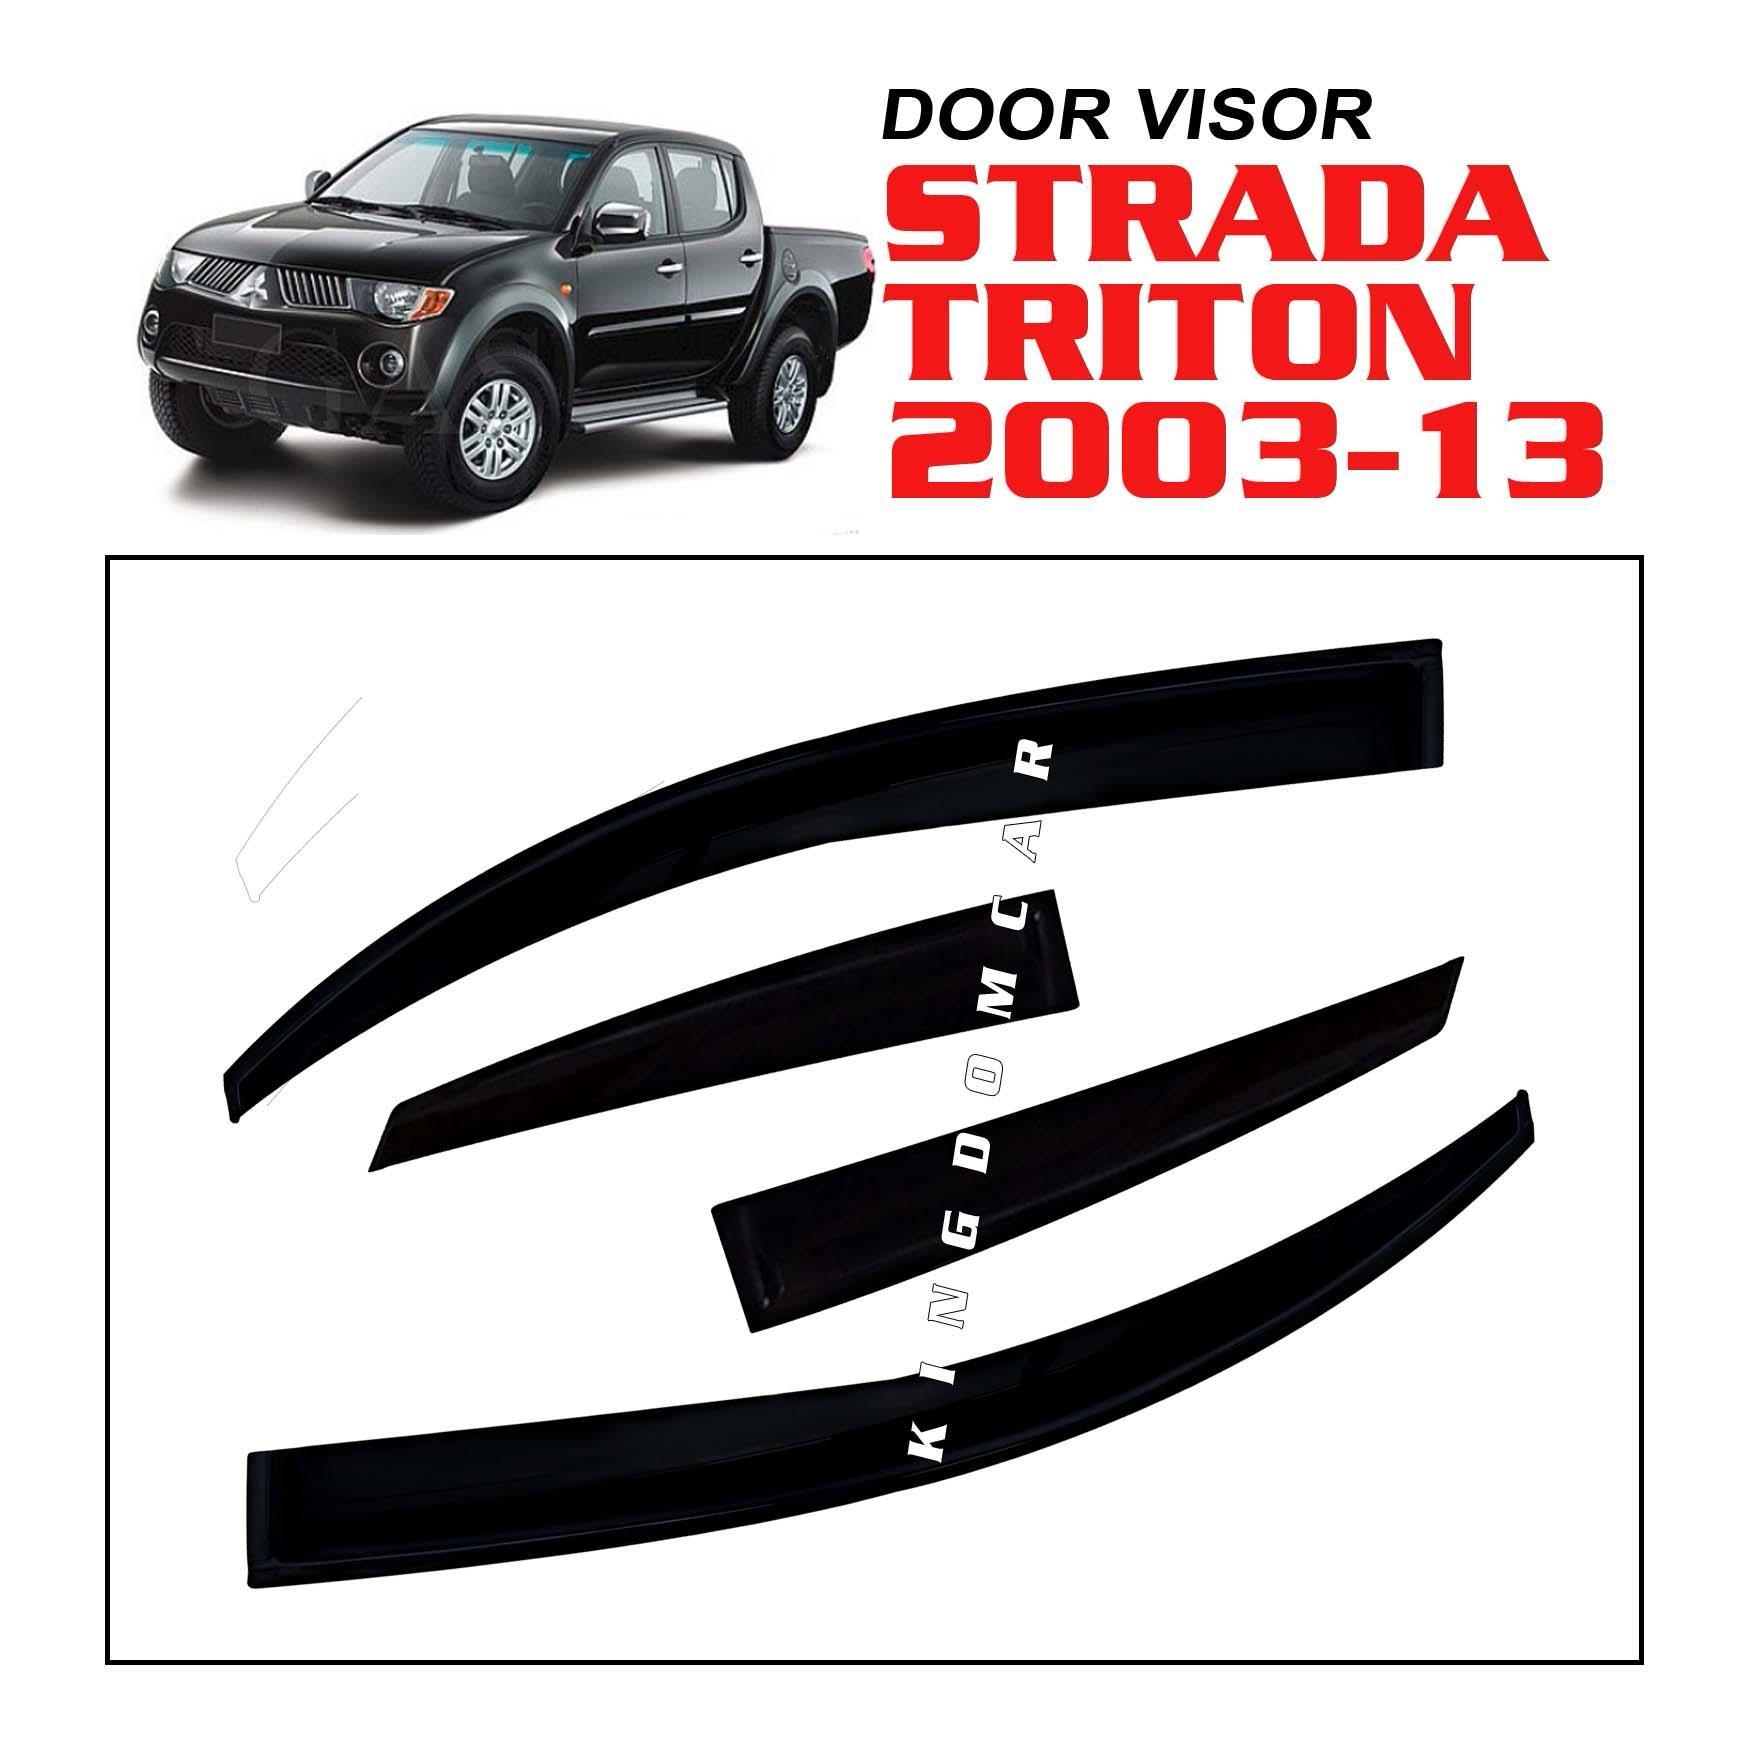 Discount Rain Guard Or Window Visor For Mitsubishi L300 Fb Grill Bumper Mistubishi New Strada Triton 2006 2014